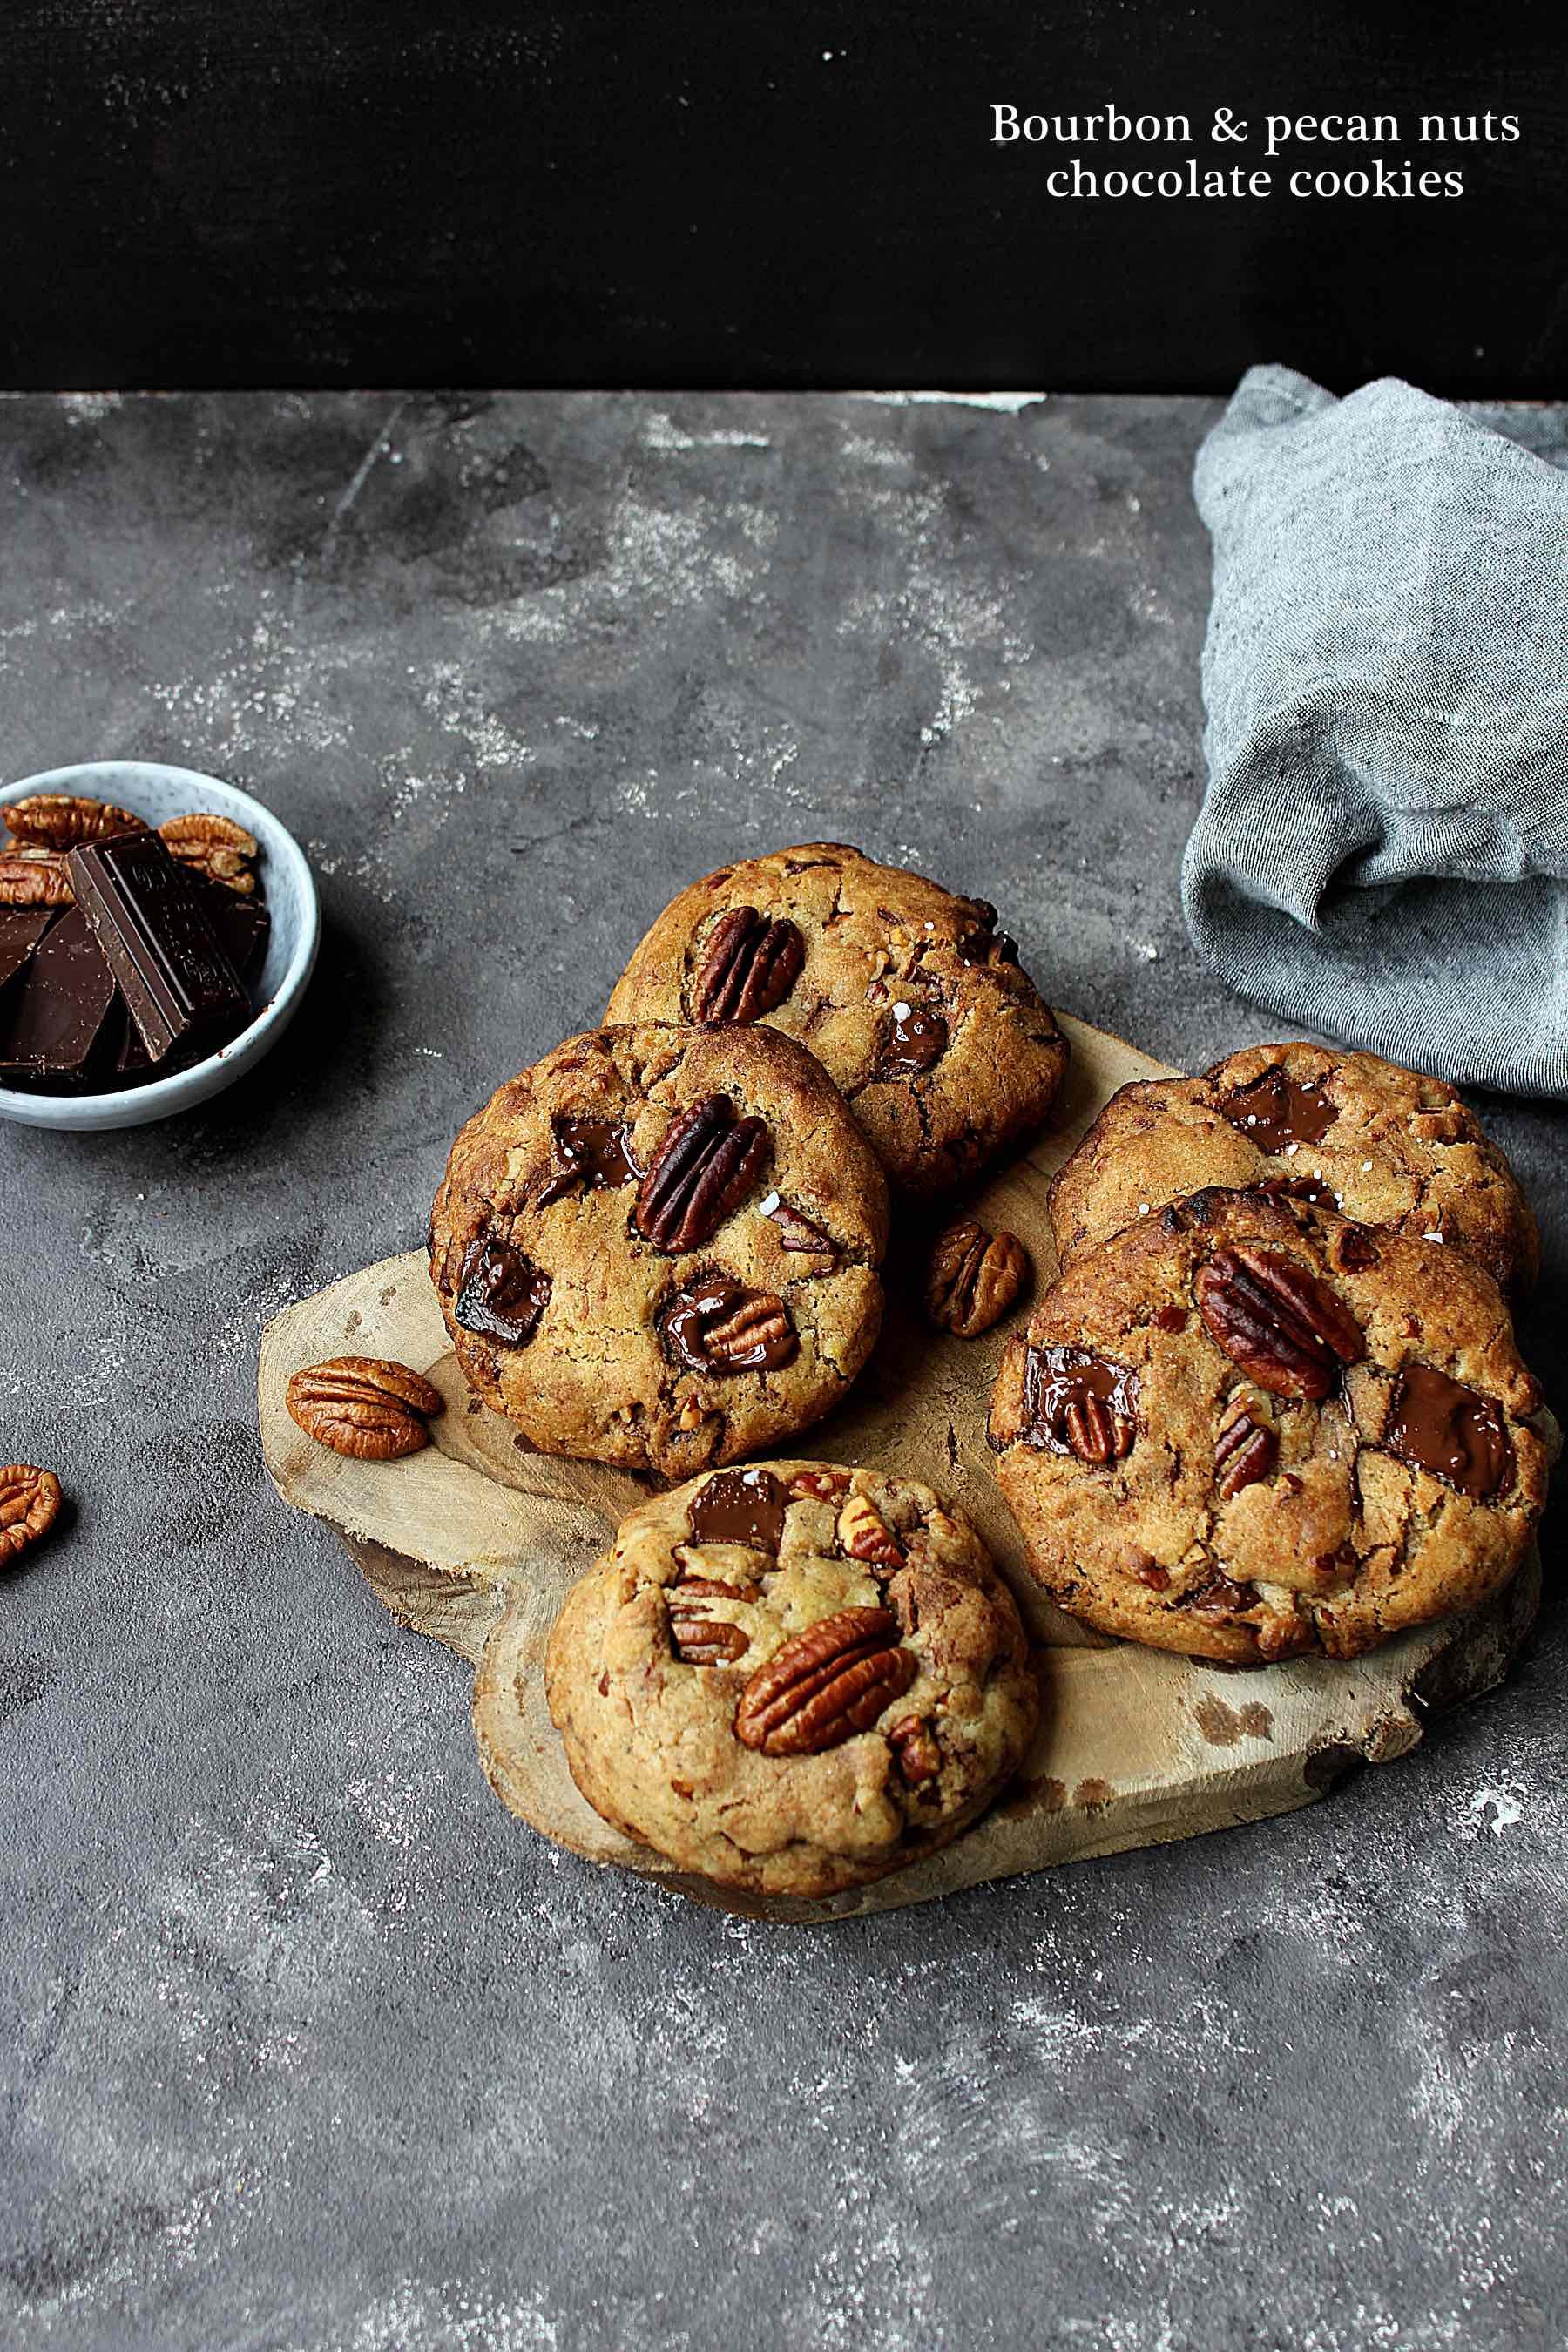 Bourbon & pecans chocolate cookies